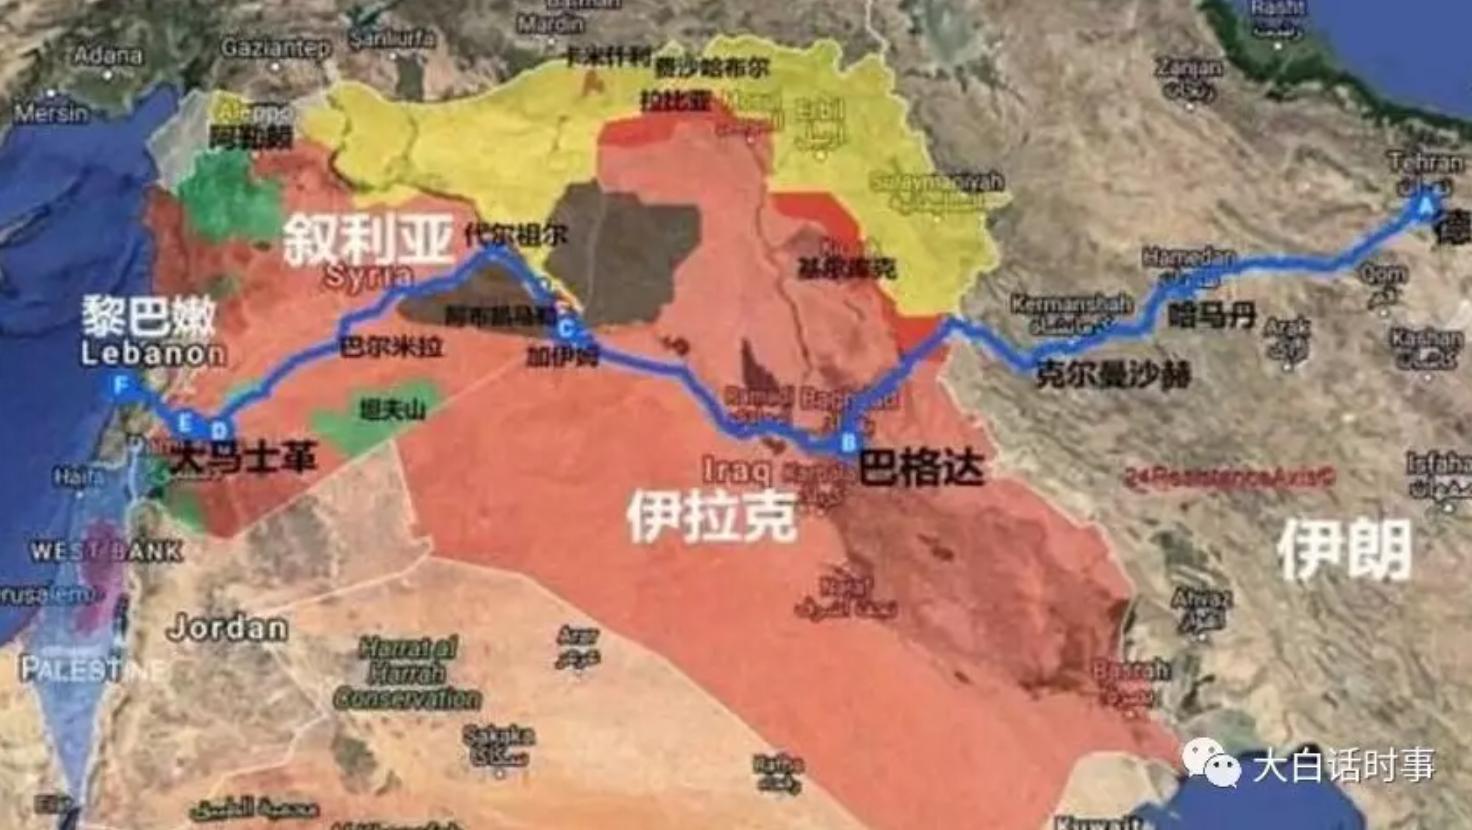 得中东者得天下,万字分析美国伊朗战争原因